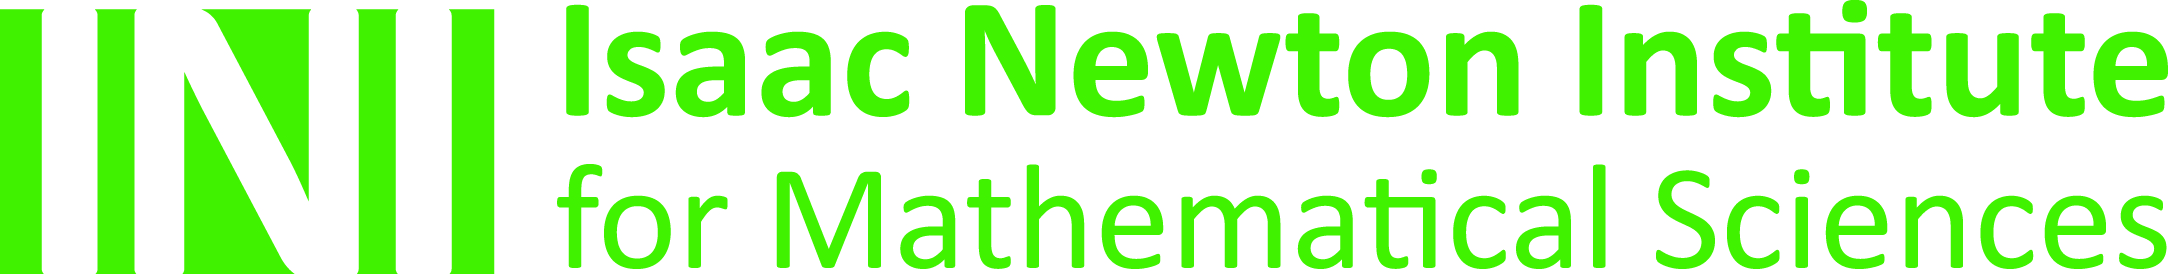 Isaac Newton Institute logo